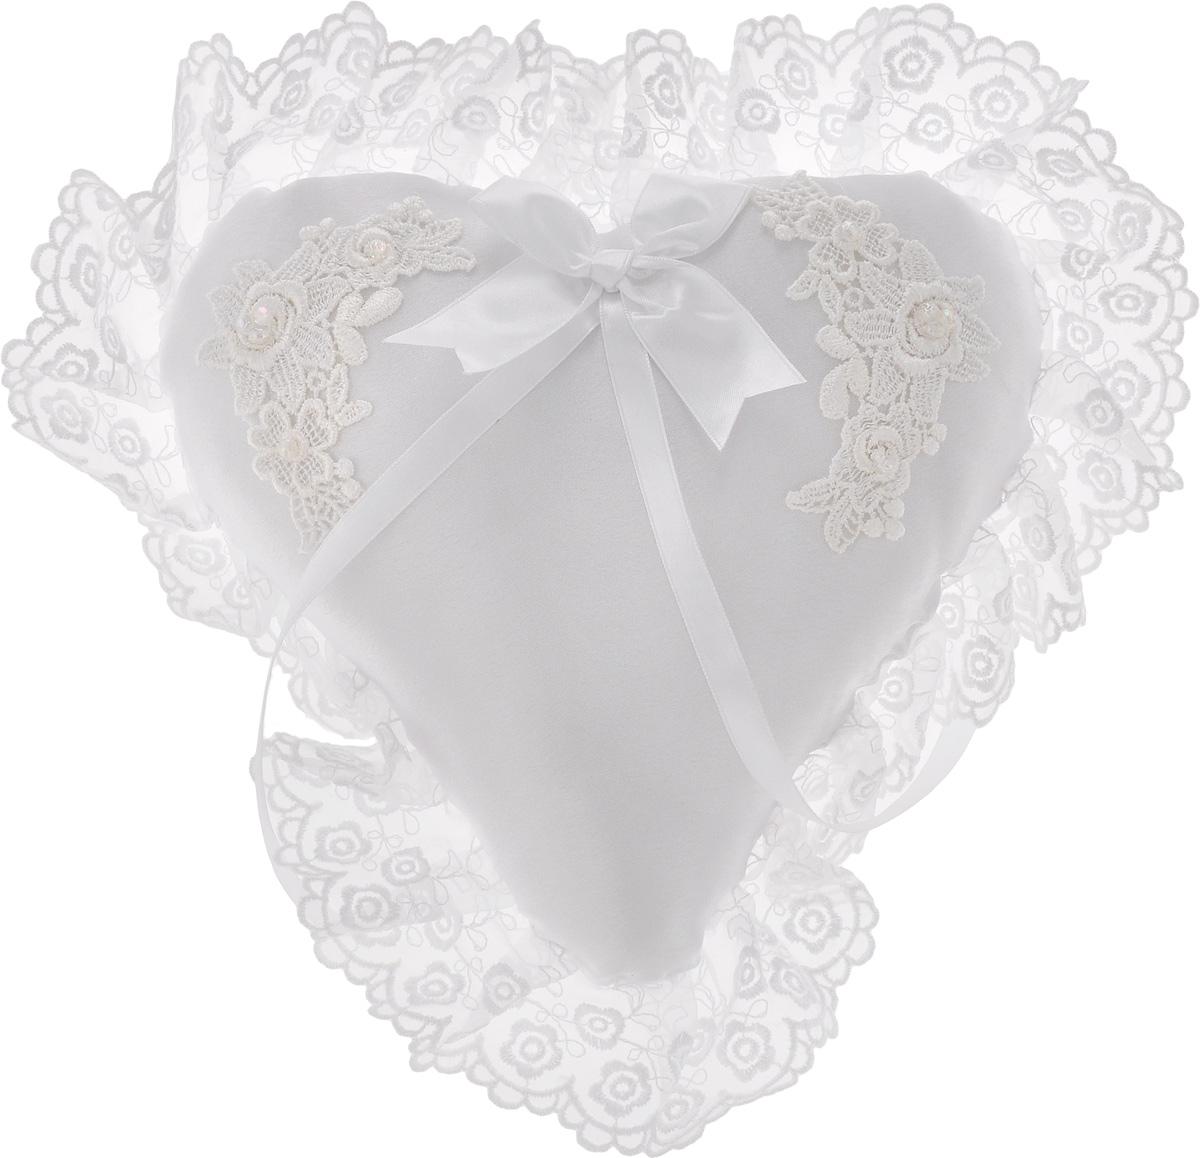 Подушечка для колец Bianco Sole  Свадебная , 30 х 30 см -  Свадебные аксессуары